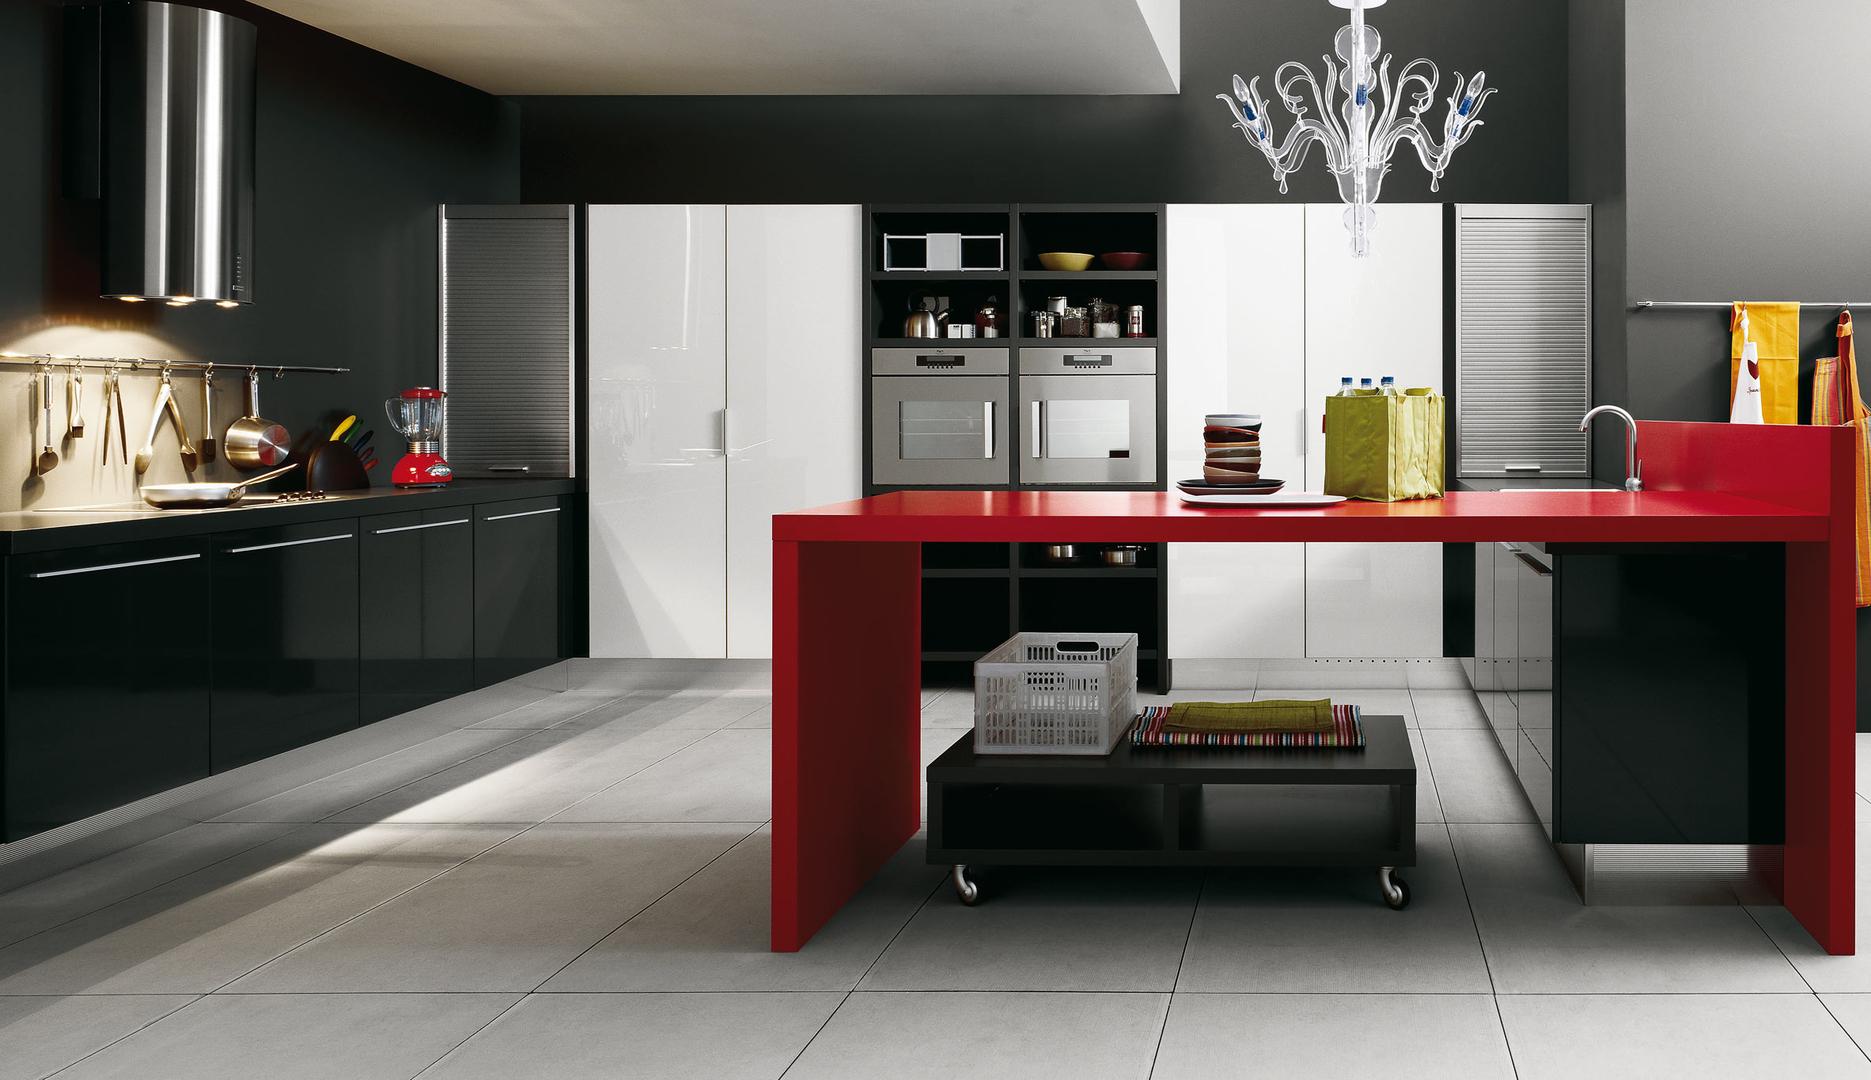 Kitchen Interiors Kitchens2000 Online